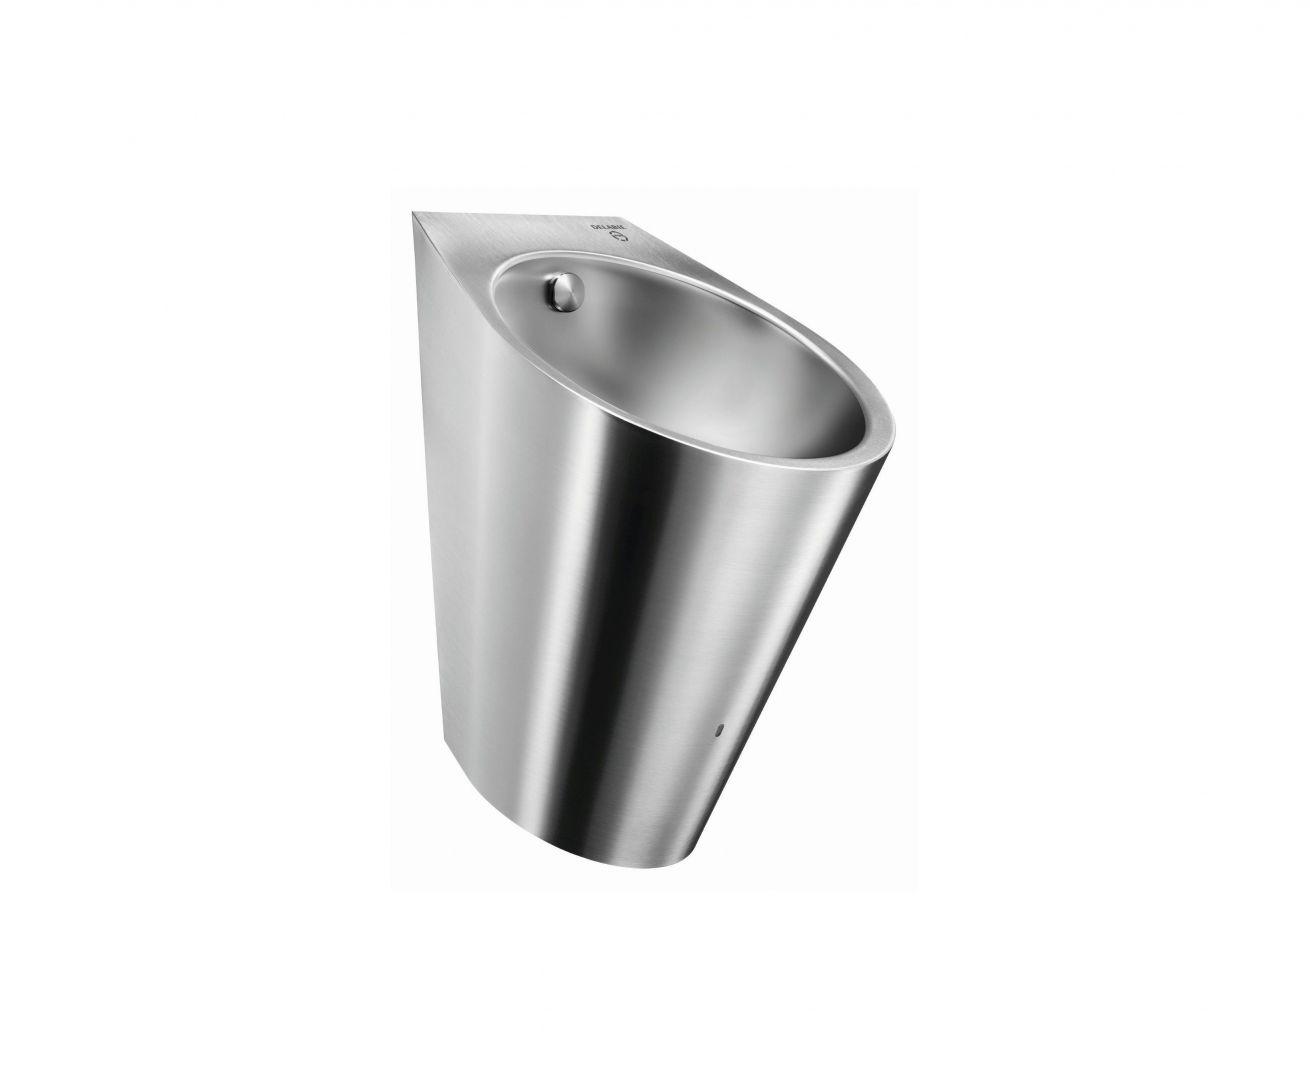 Hybrydowy pisuar Hybrimatic Fino/Delabie. Produkt zgłoszony do konkursu Dobry Design 2020.